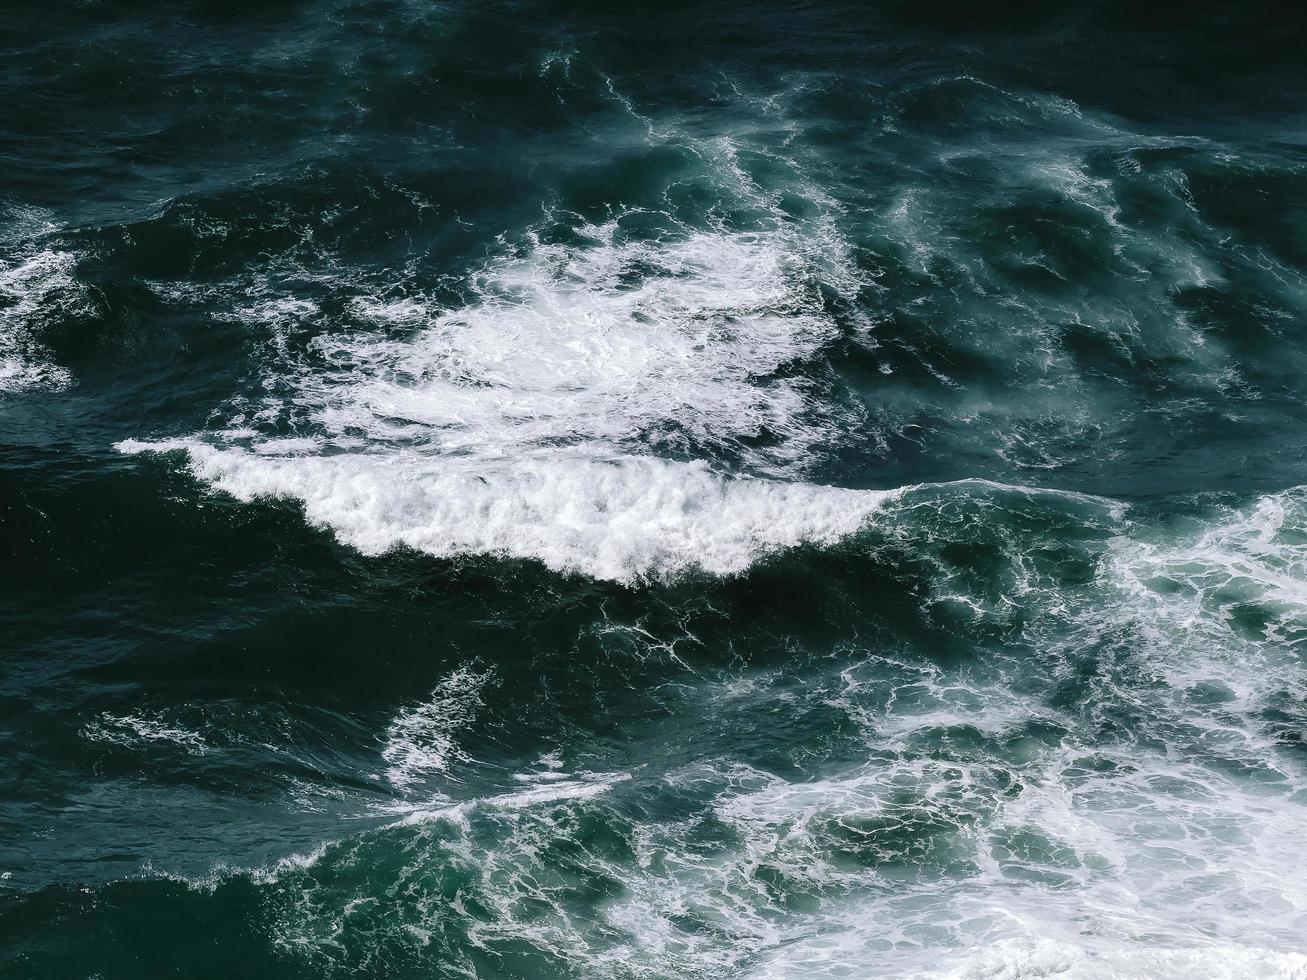 Water waves crashing photo